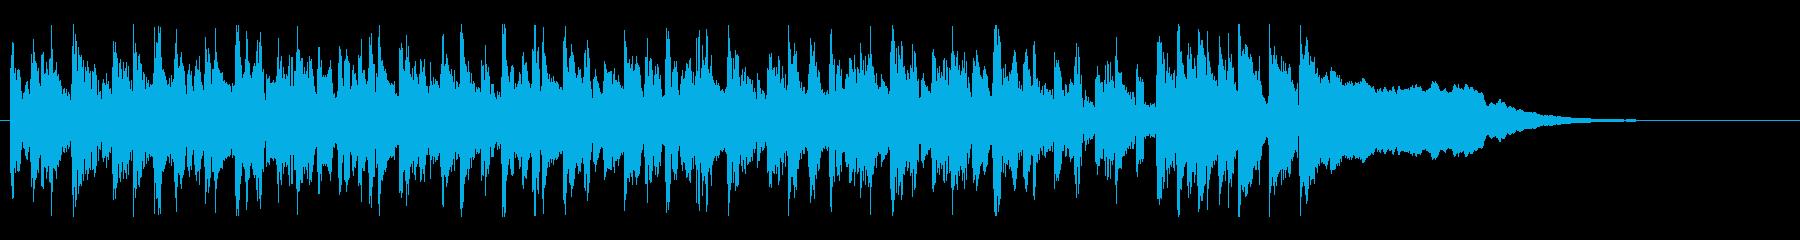 ポップで明るい短めのBGMの再生済みの波形